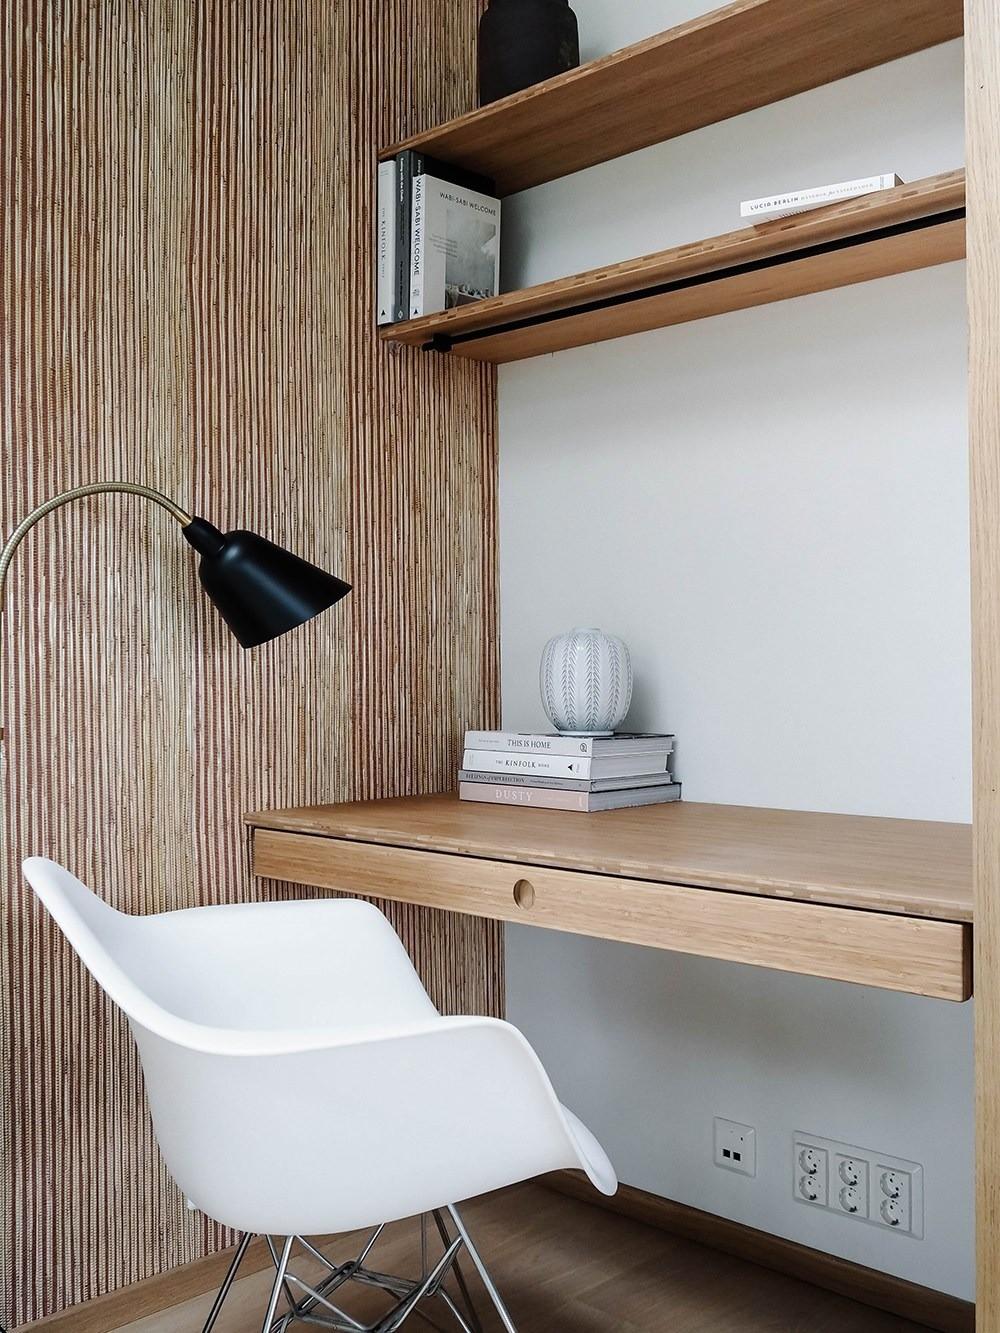 Не особо сложен в уходе, поможет создать оригинальную акцентную стену (решив проблему зонирования)и впишется в большинство современных интерьерных стилей.